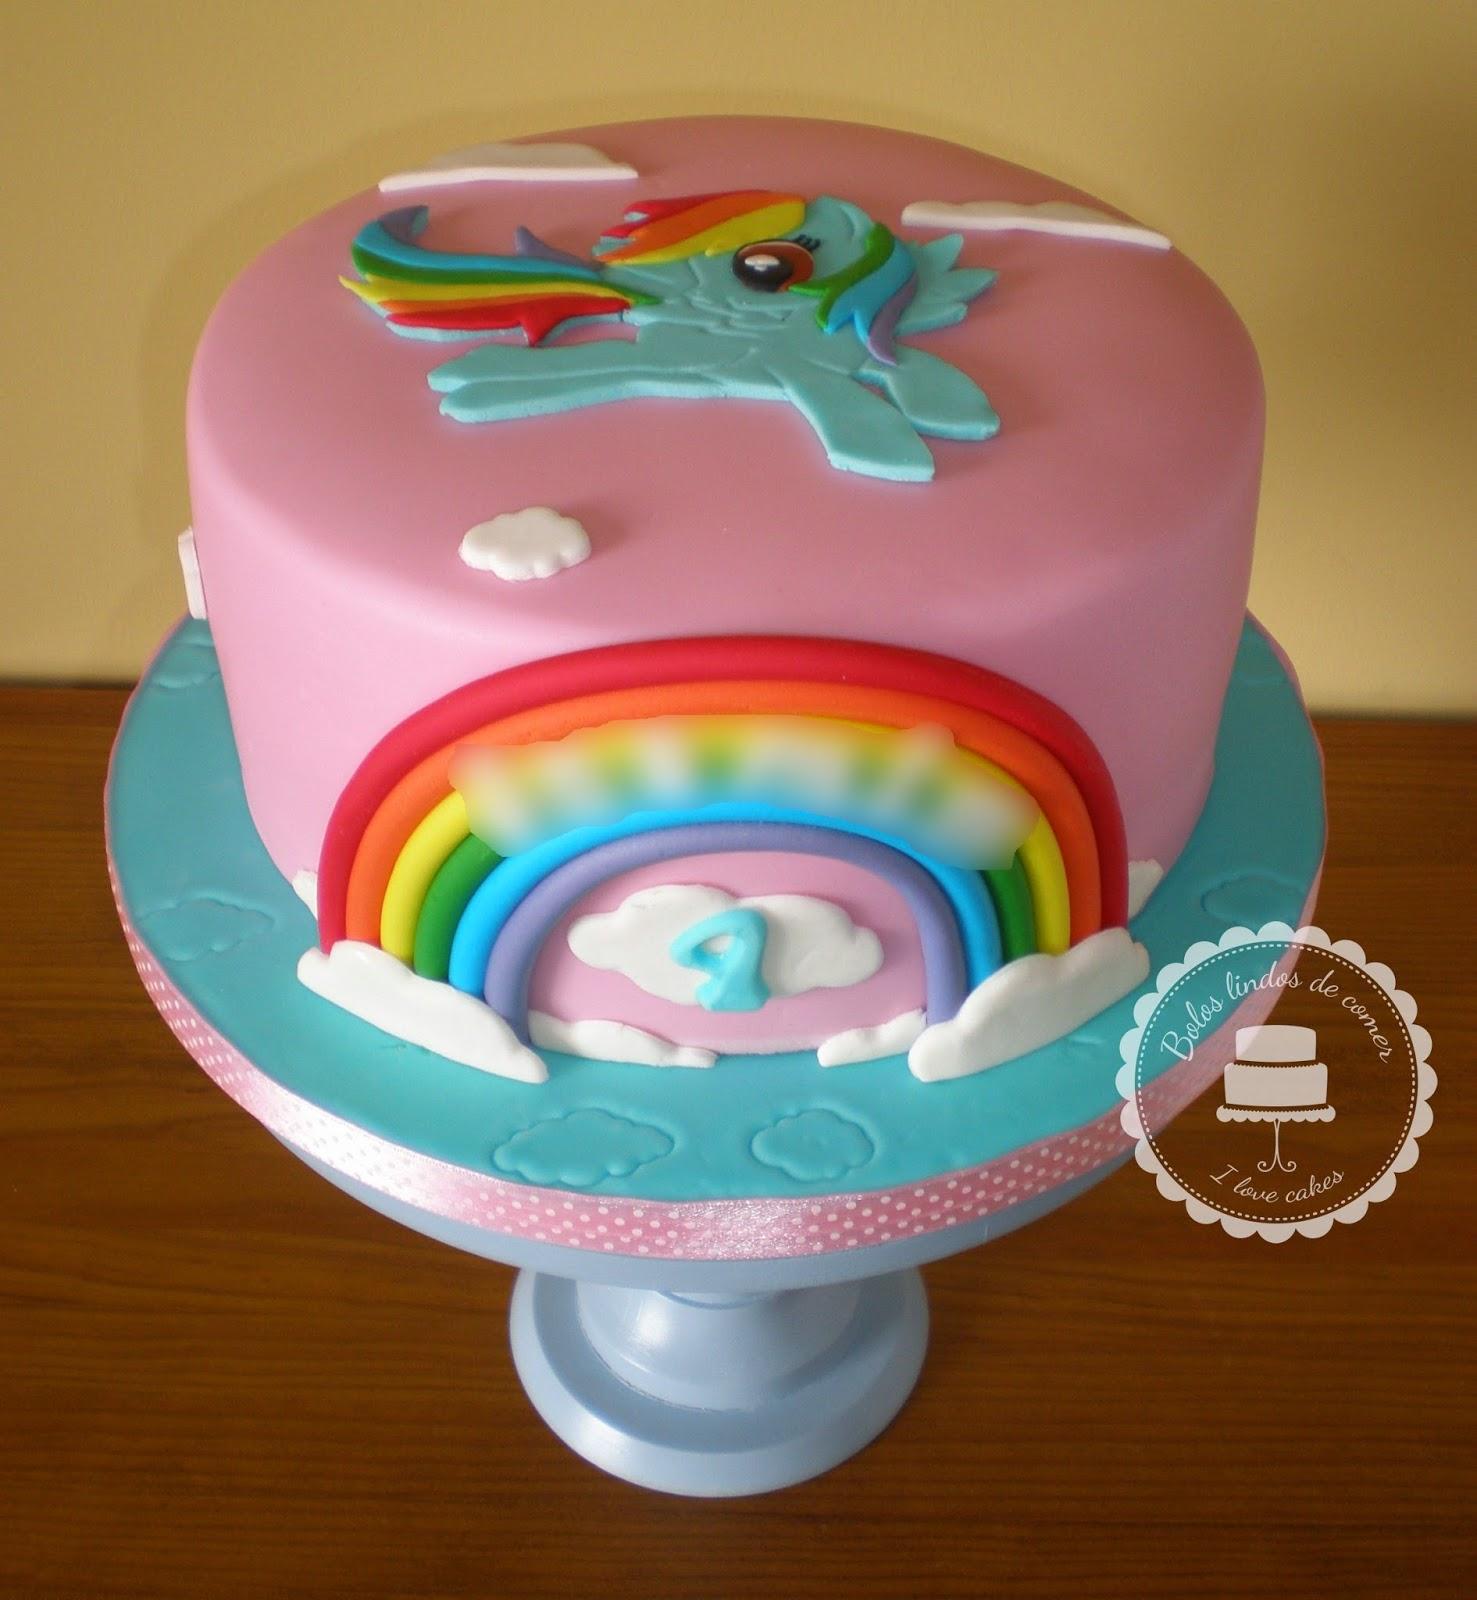 Bolos lindos de comer bolo rainbow dash rainbow dash cake for Rainbow dash cake template